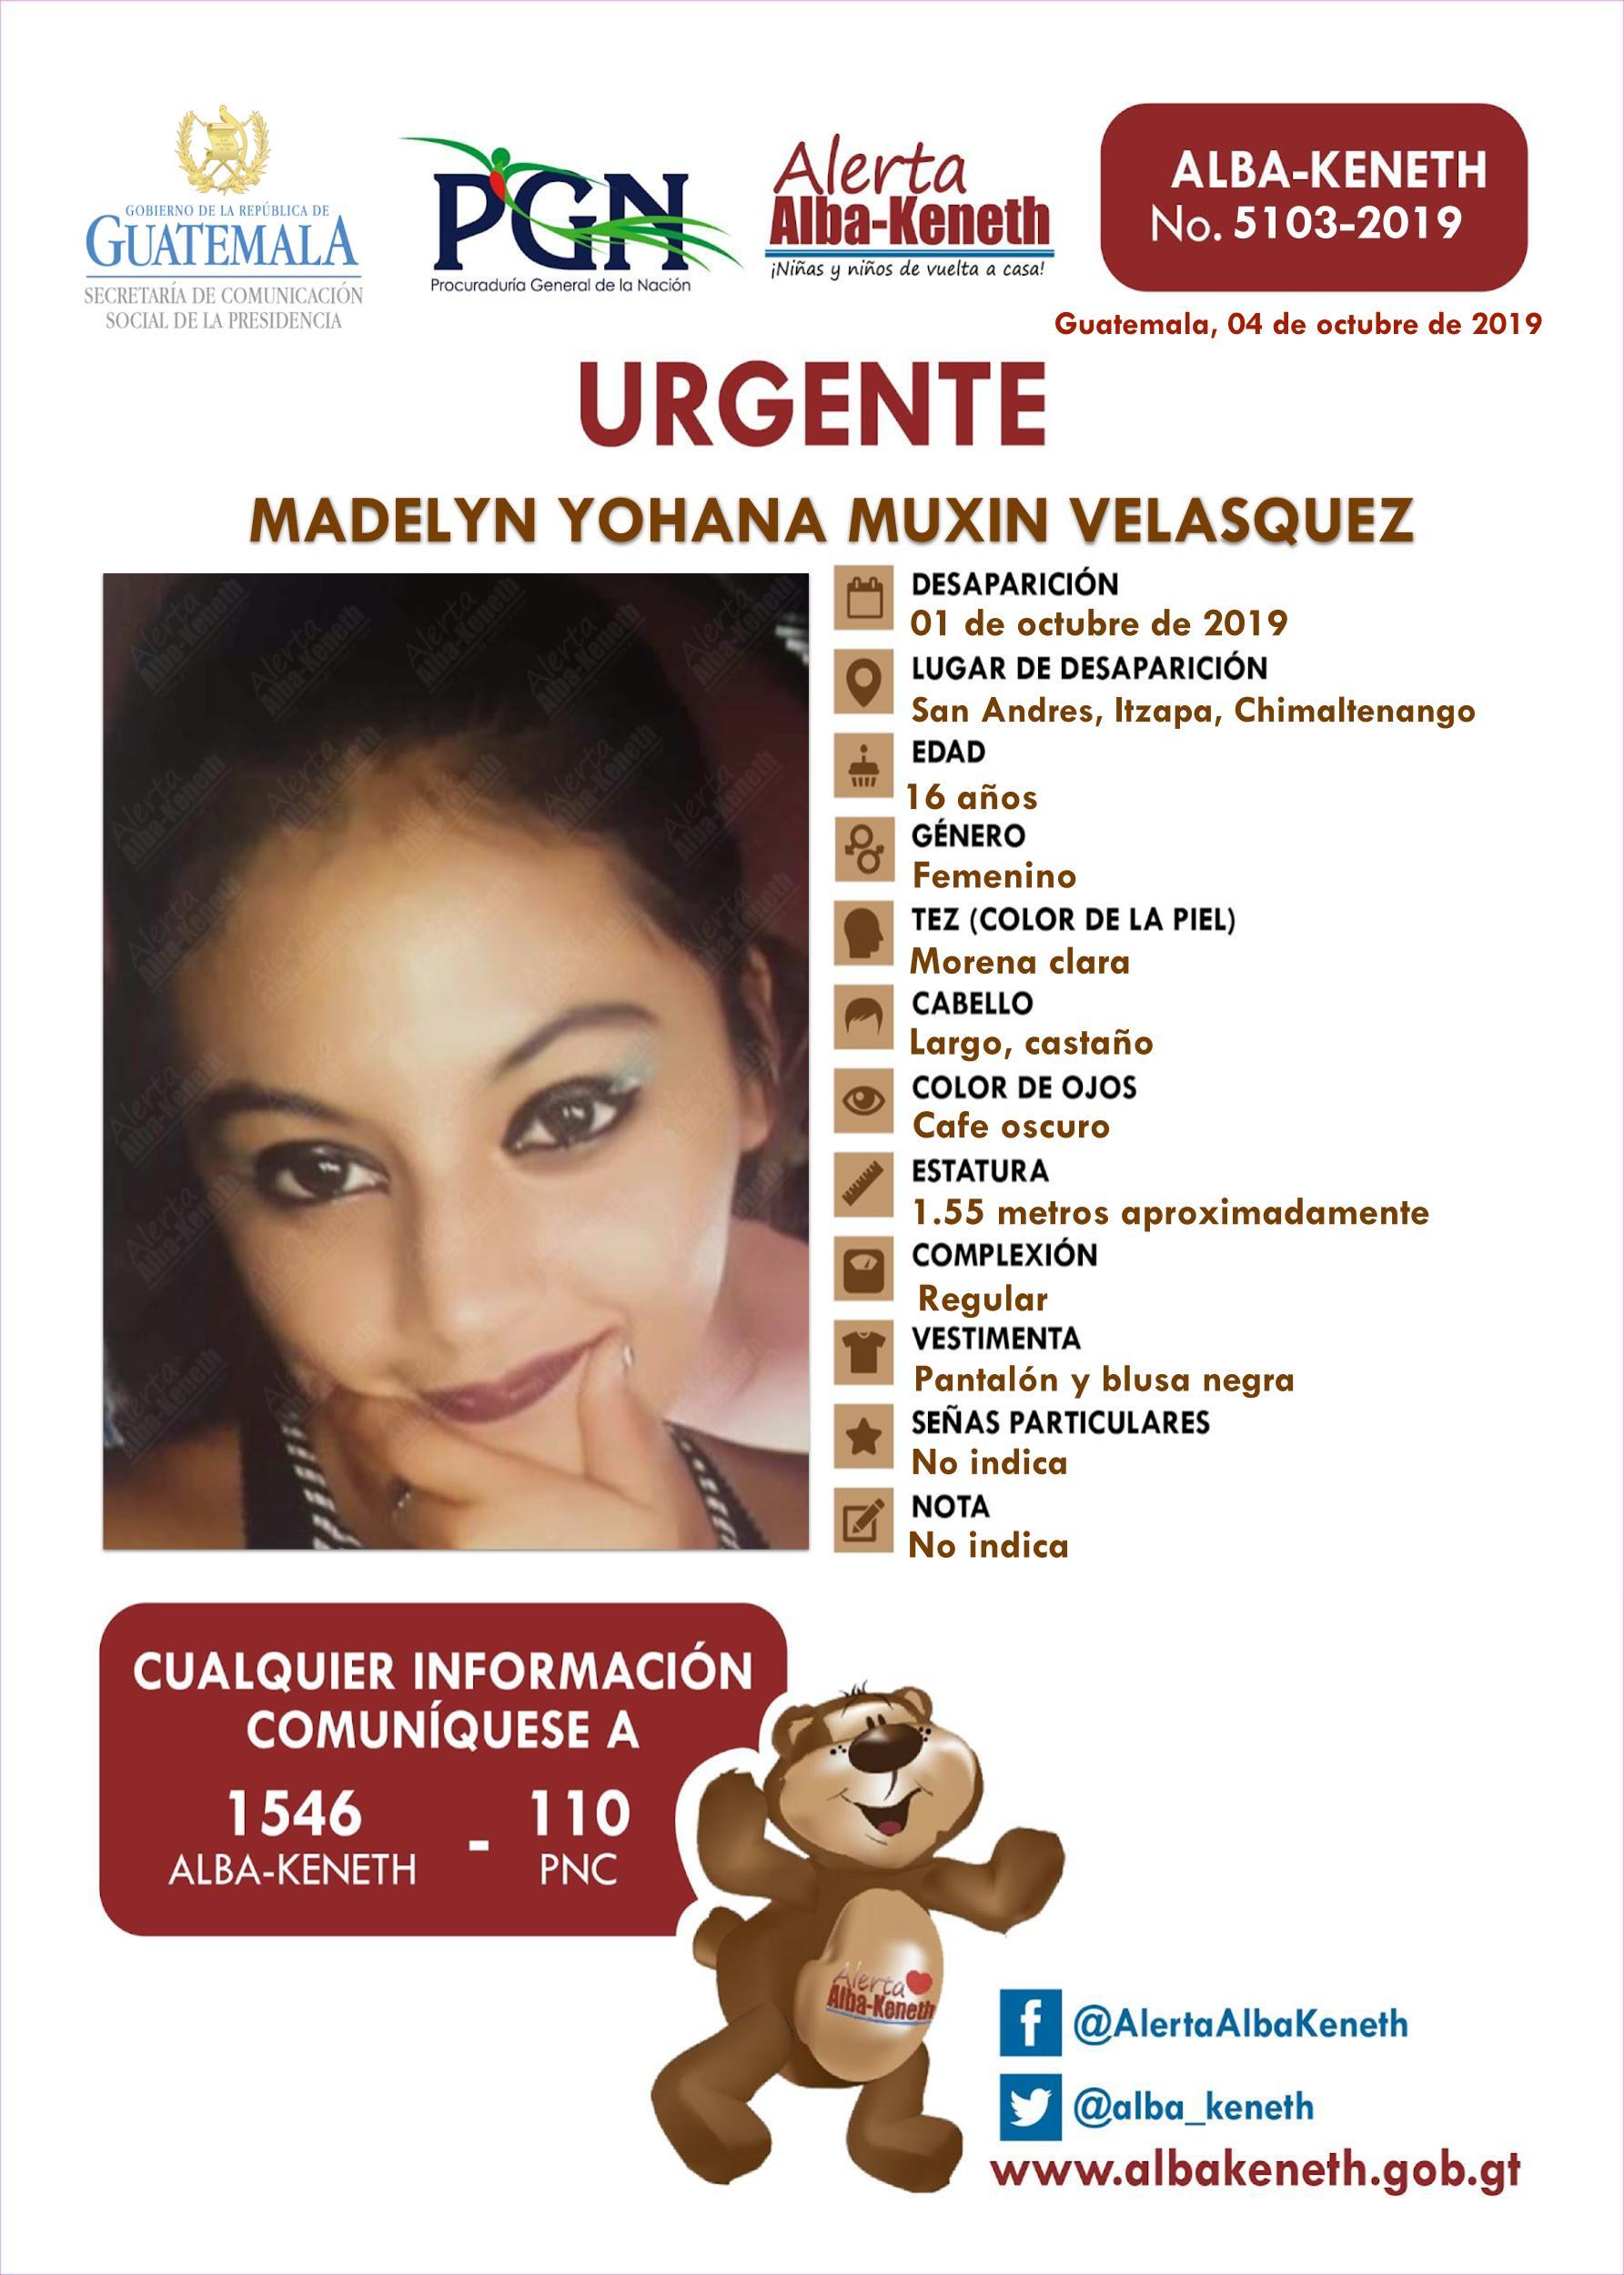 Madelyn Yohana Muxin Velasquez